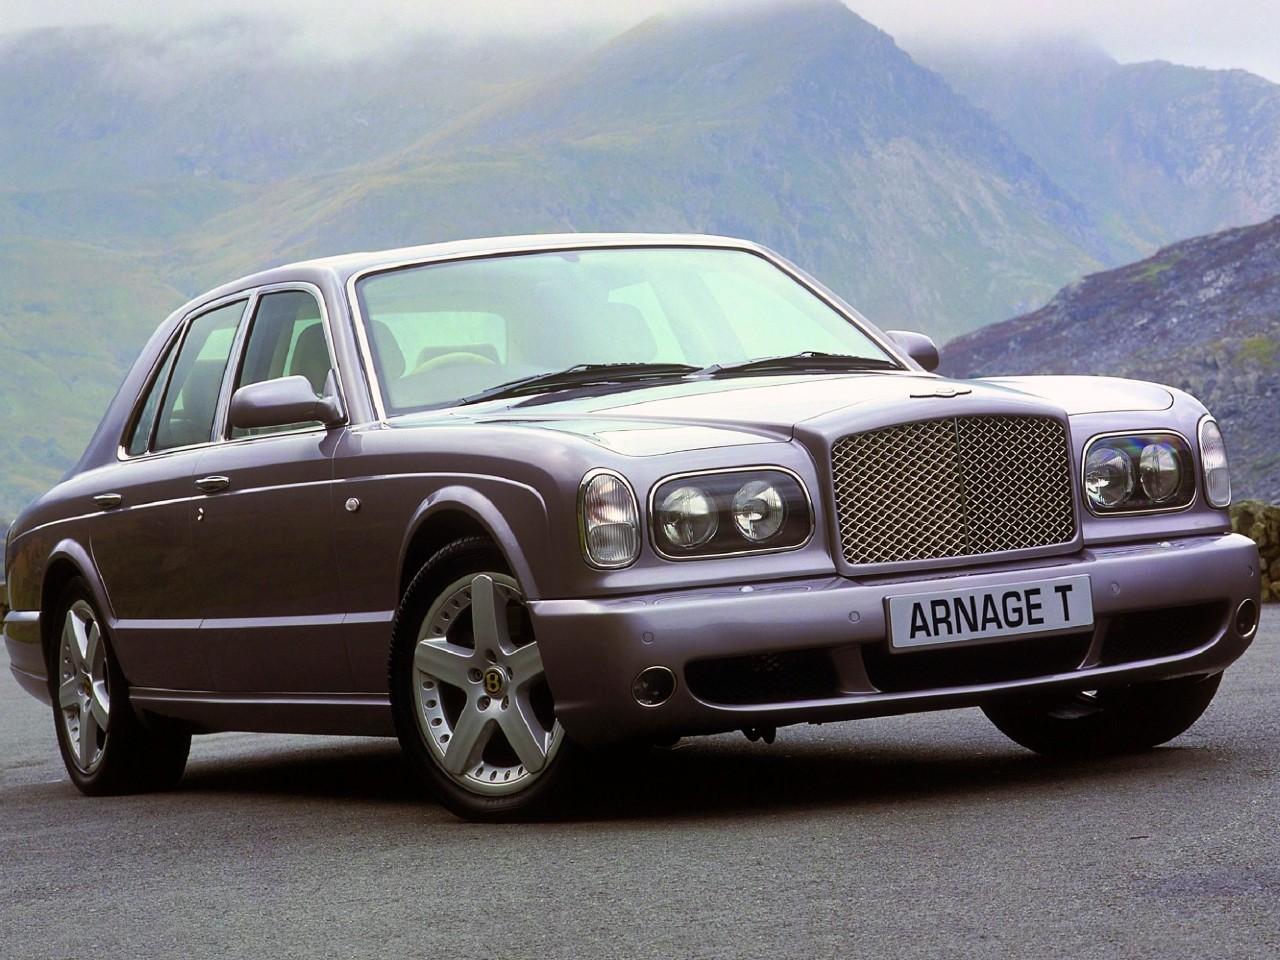 bentley-arnage-2002-t-2006.jpg